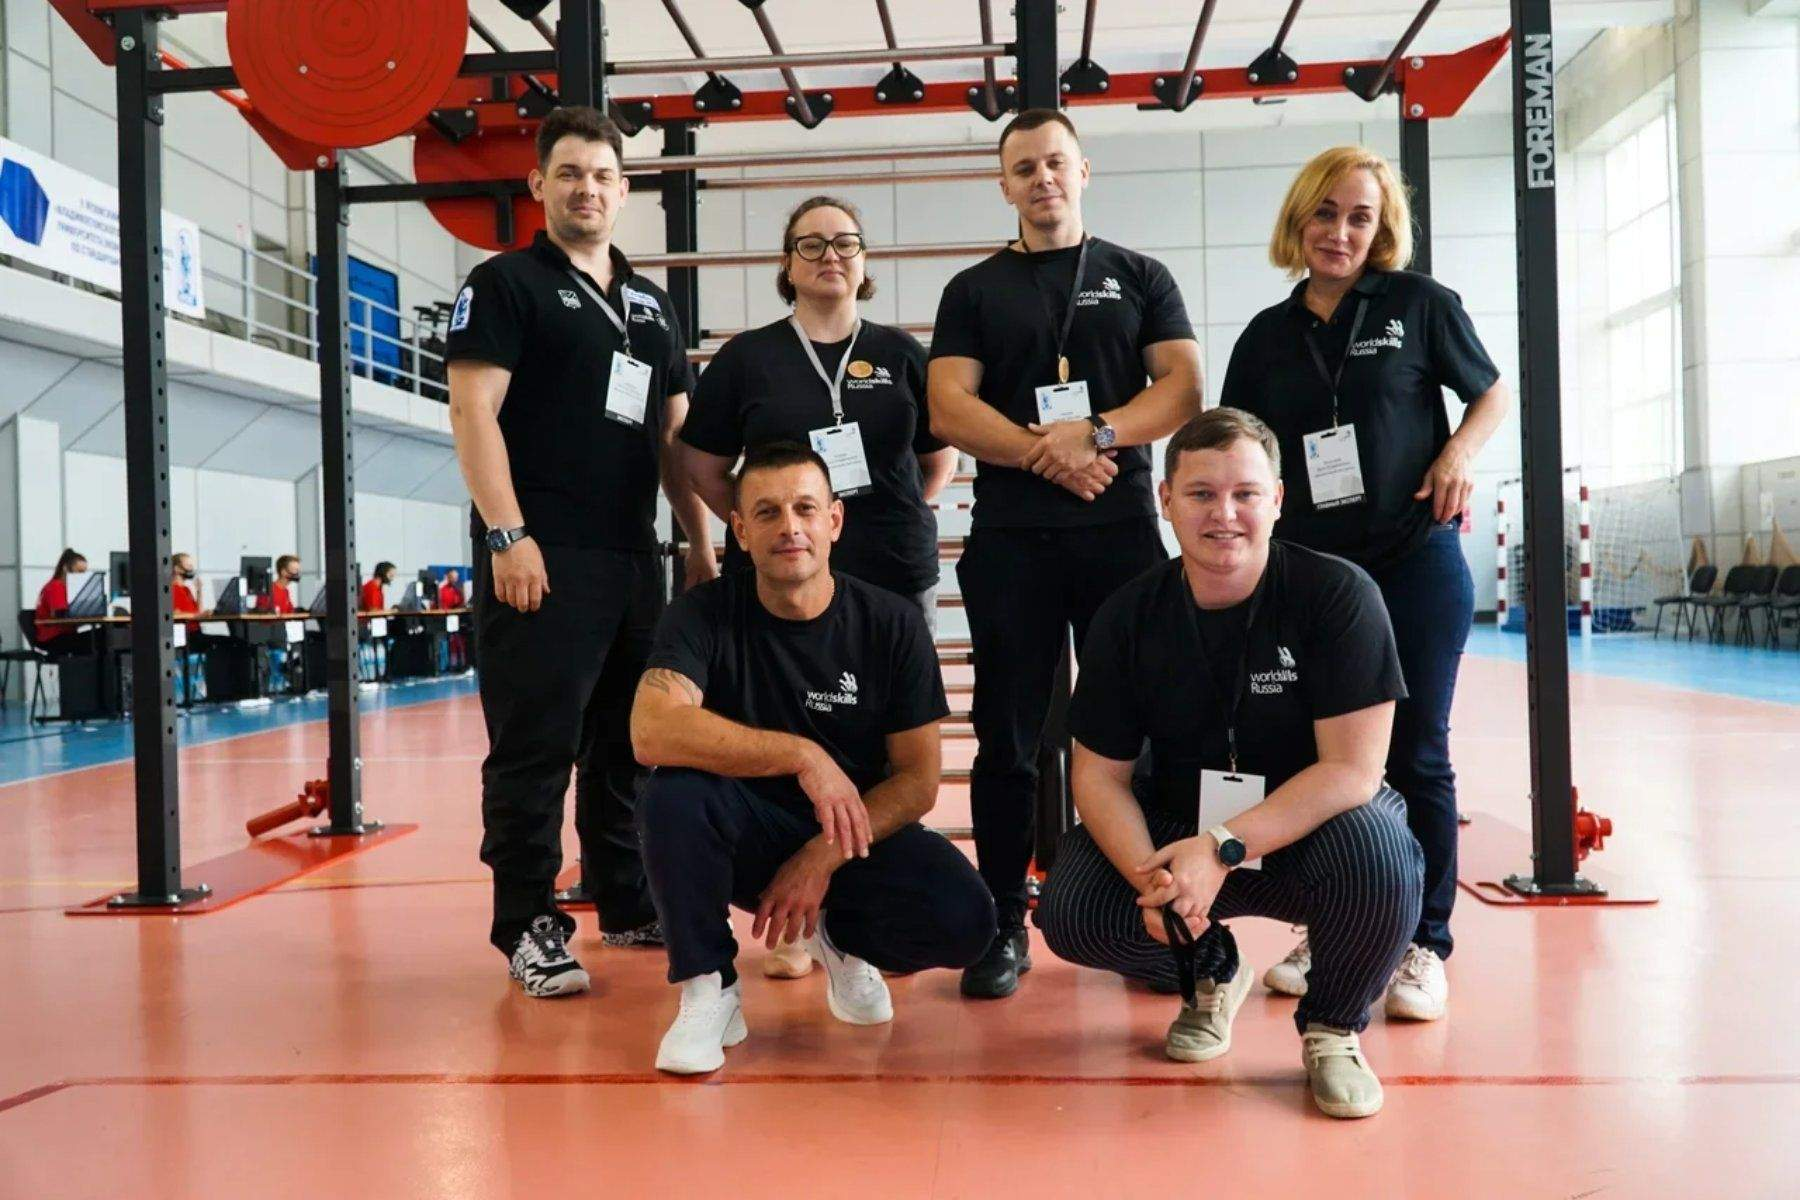 Возможность испытать себя, приобрести знания и новый опыт: студенты ВГУЭС и эксперты о чемпионате WorldSkills